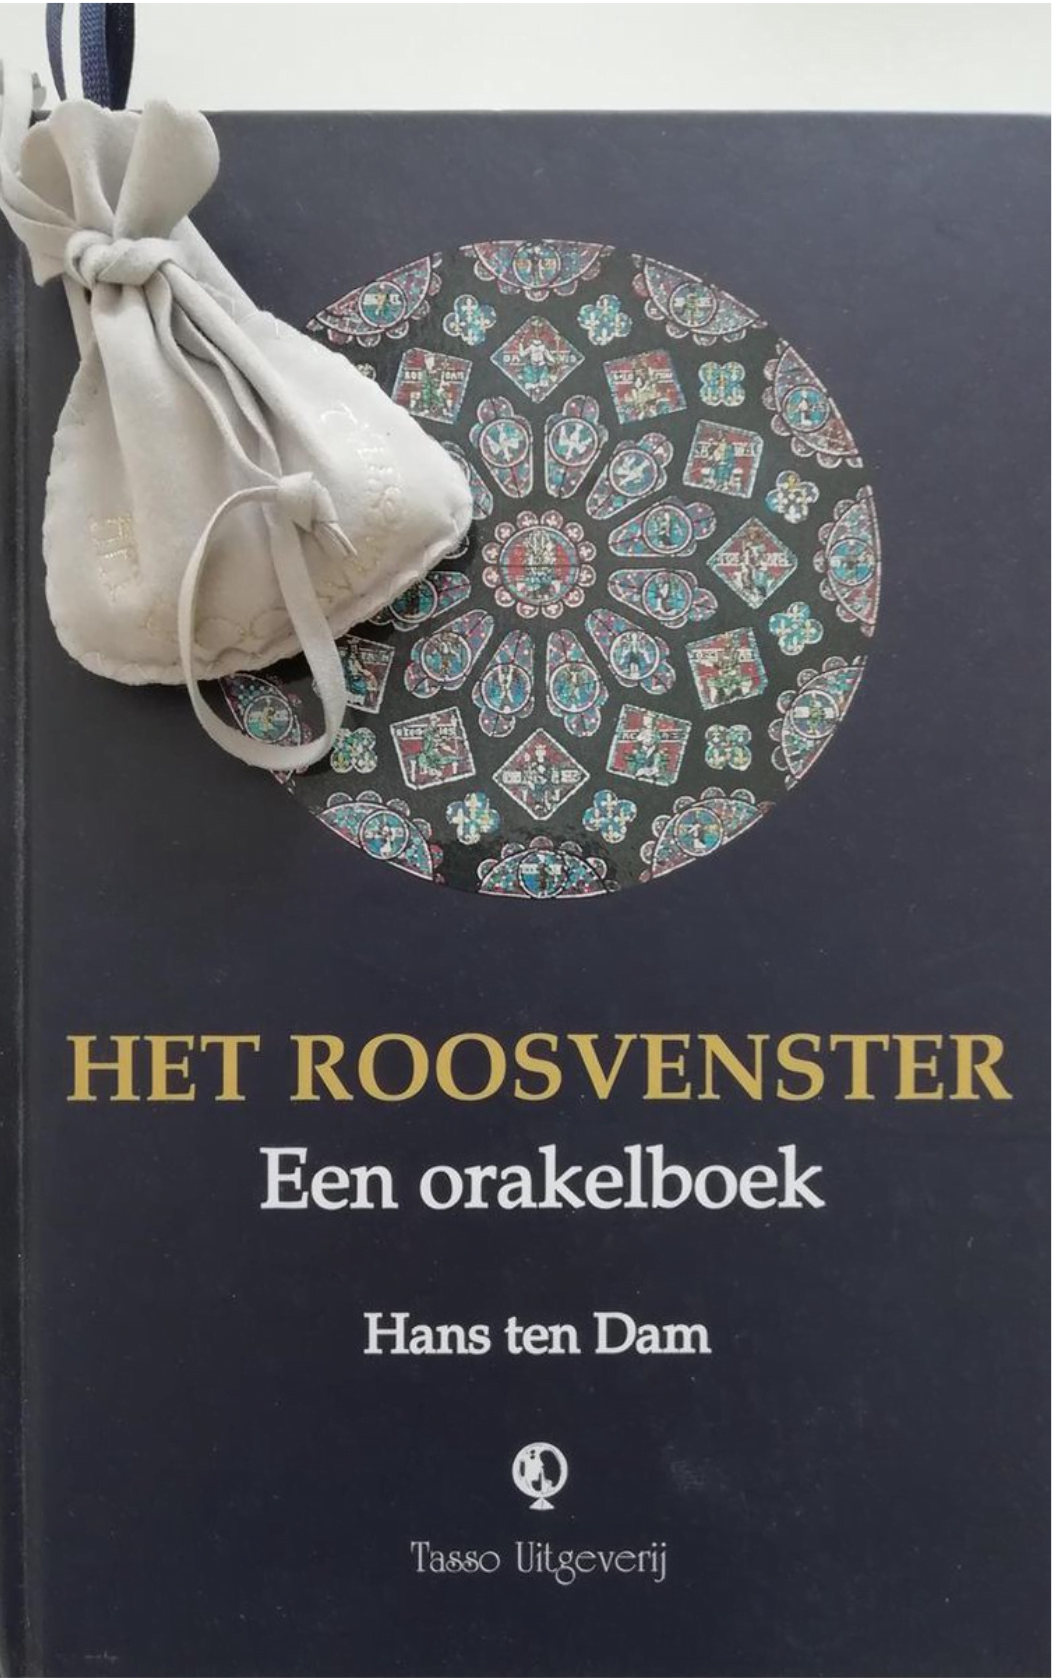 2020-09-18-12_02_27-bol.com-_-Het-Roosvenster-incl-zakje-met-orakelstenen-Dam-H.-Ten-_-978907556801